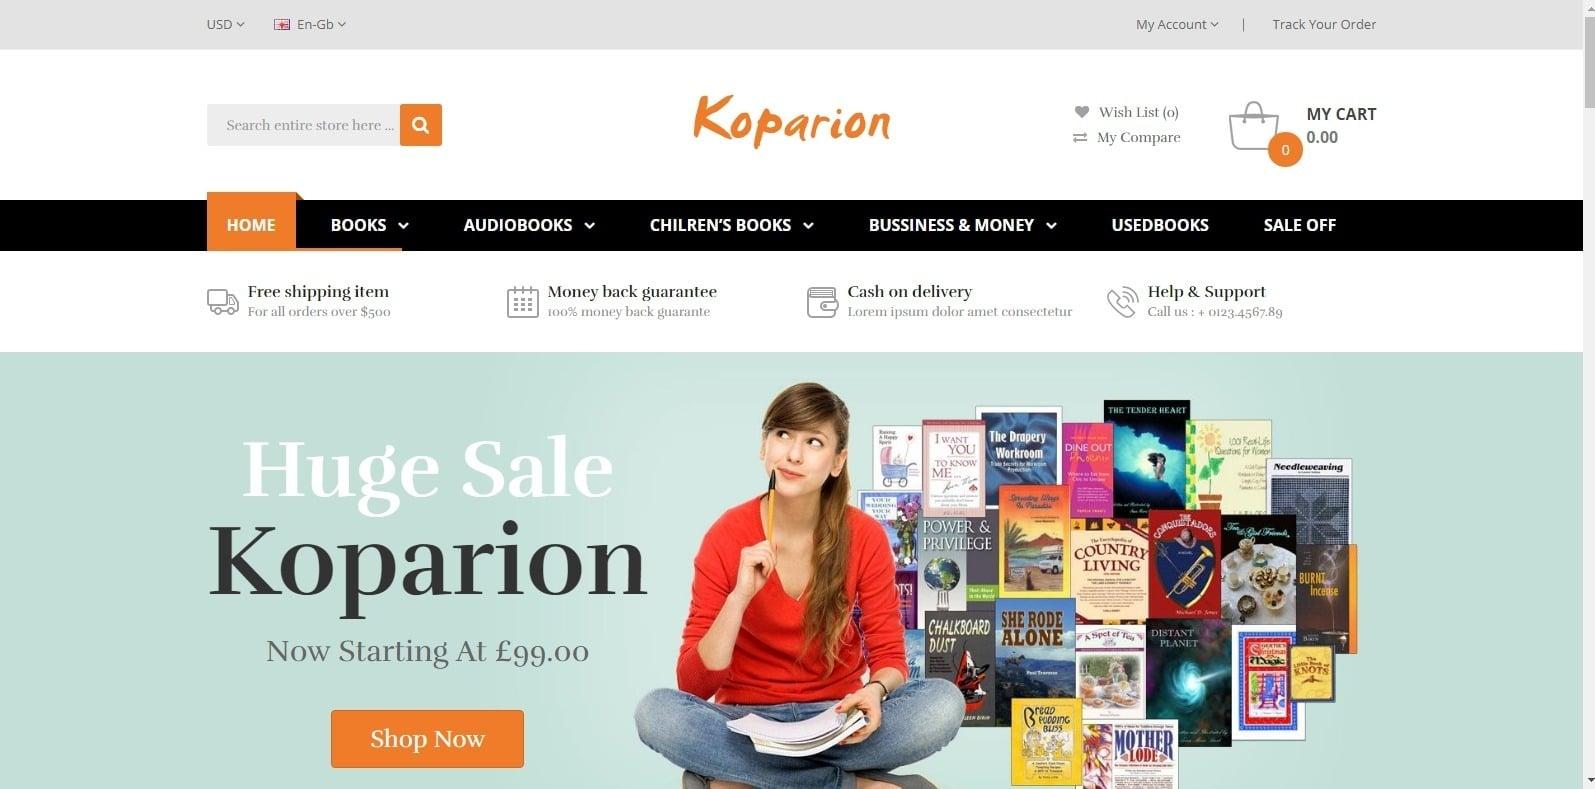 koparion-html-bookstore-website-template